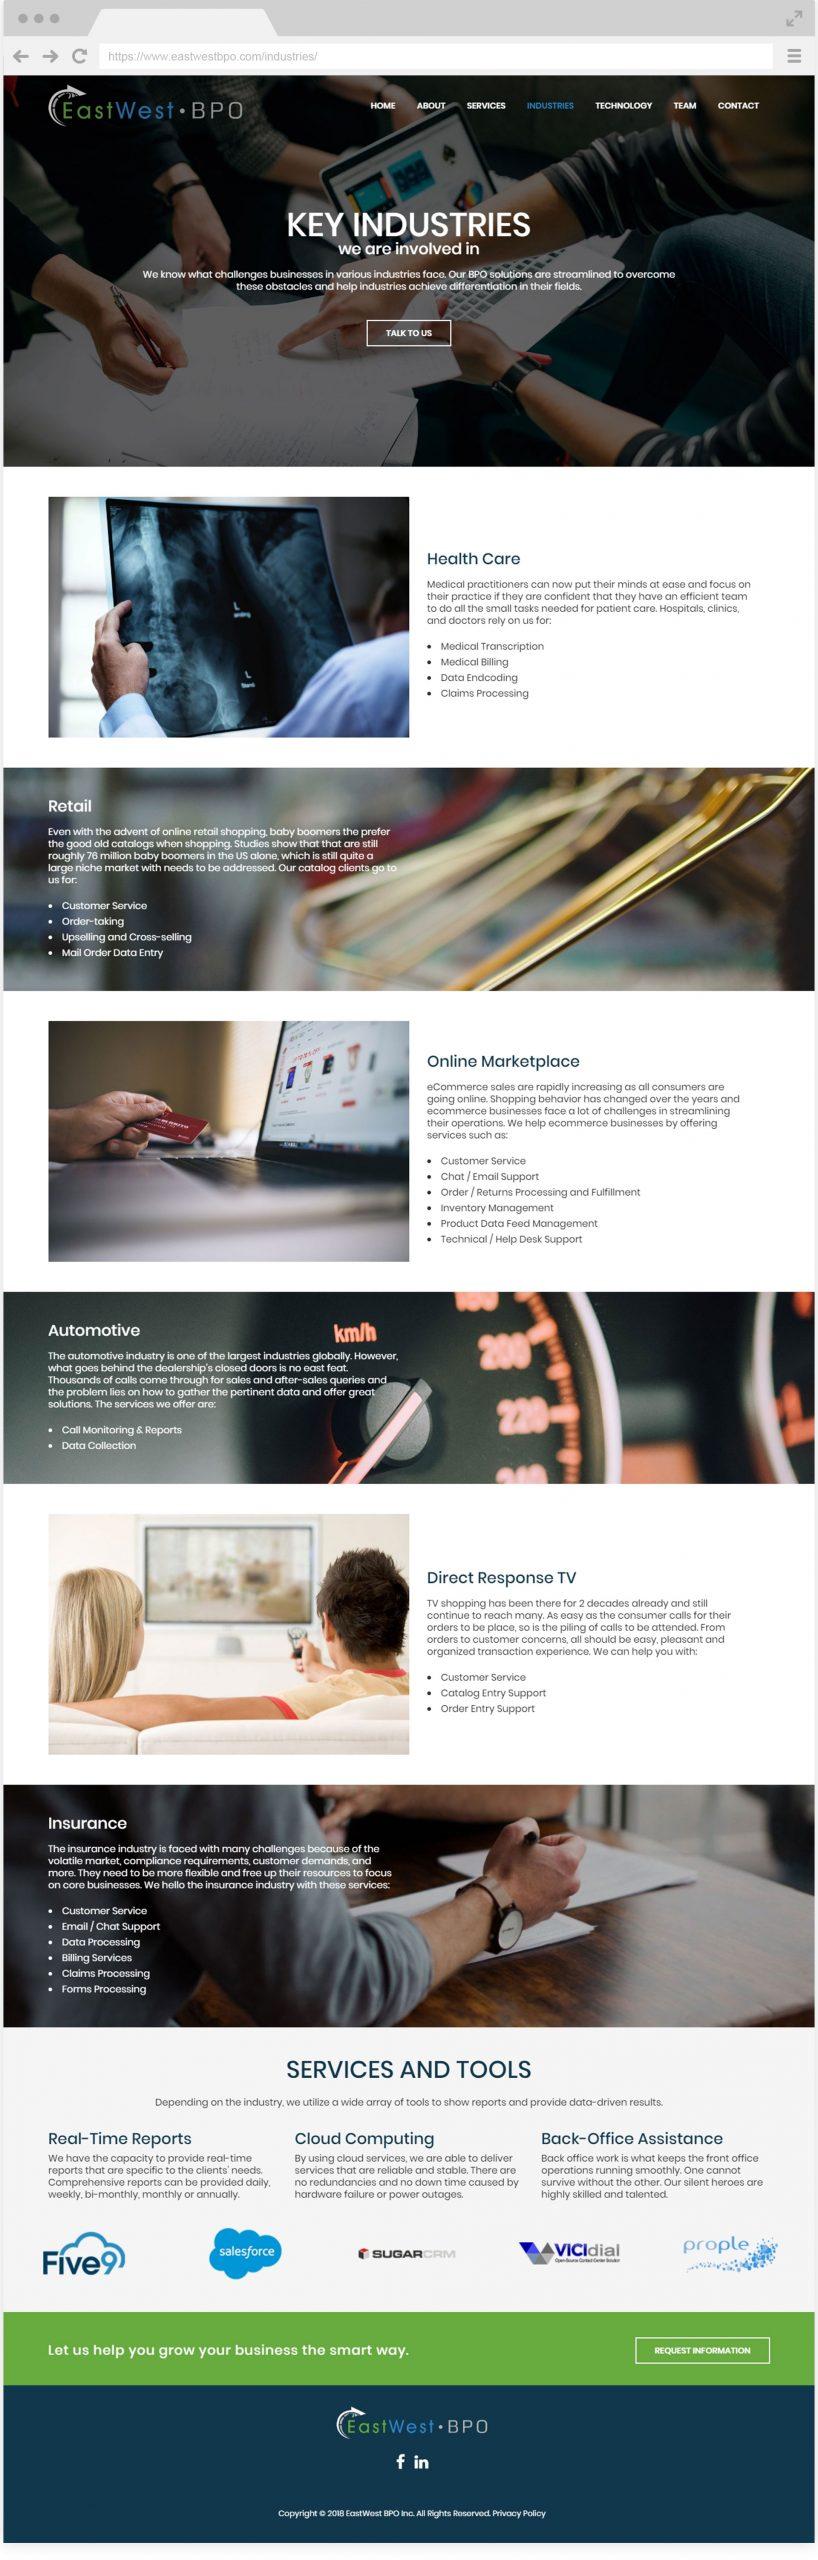 EastWest BPO Key Industries